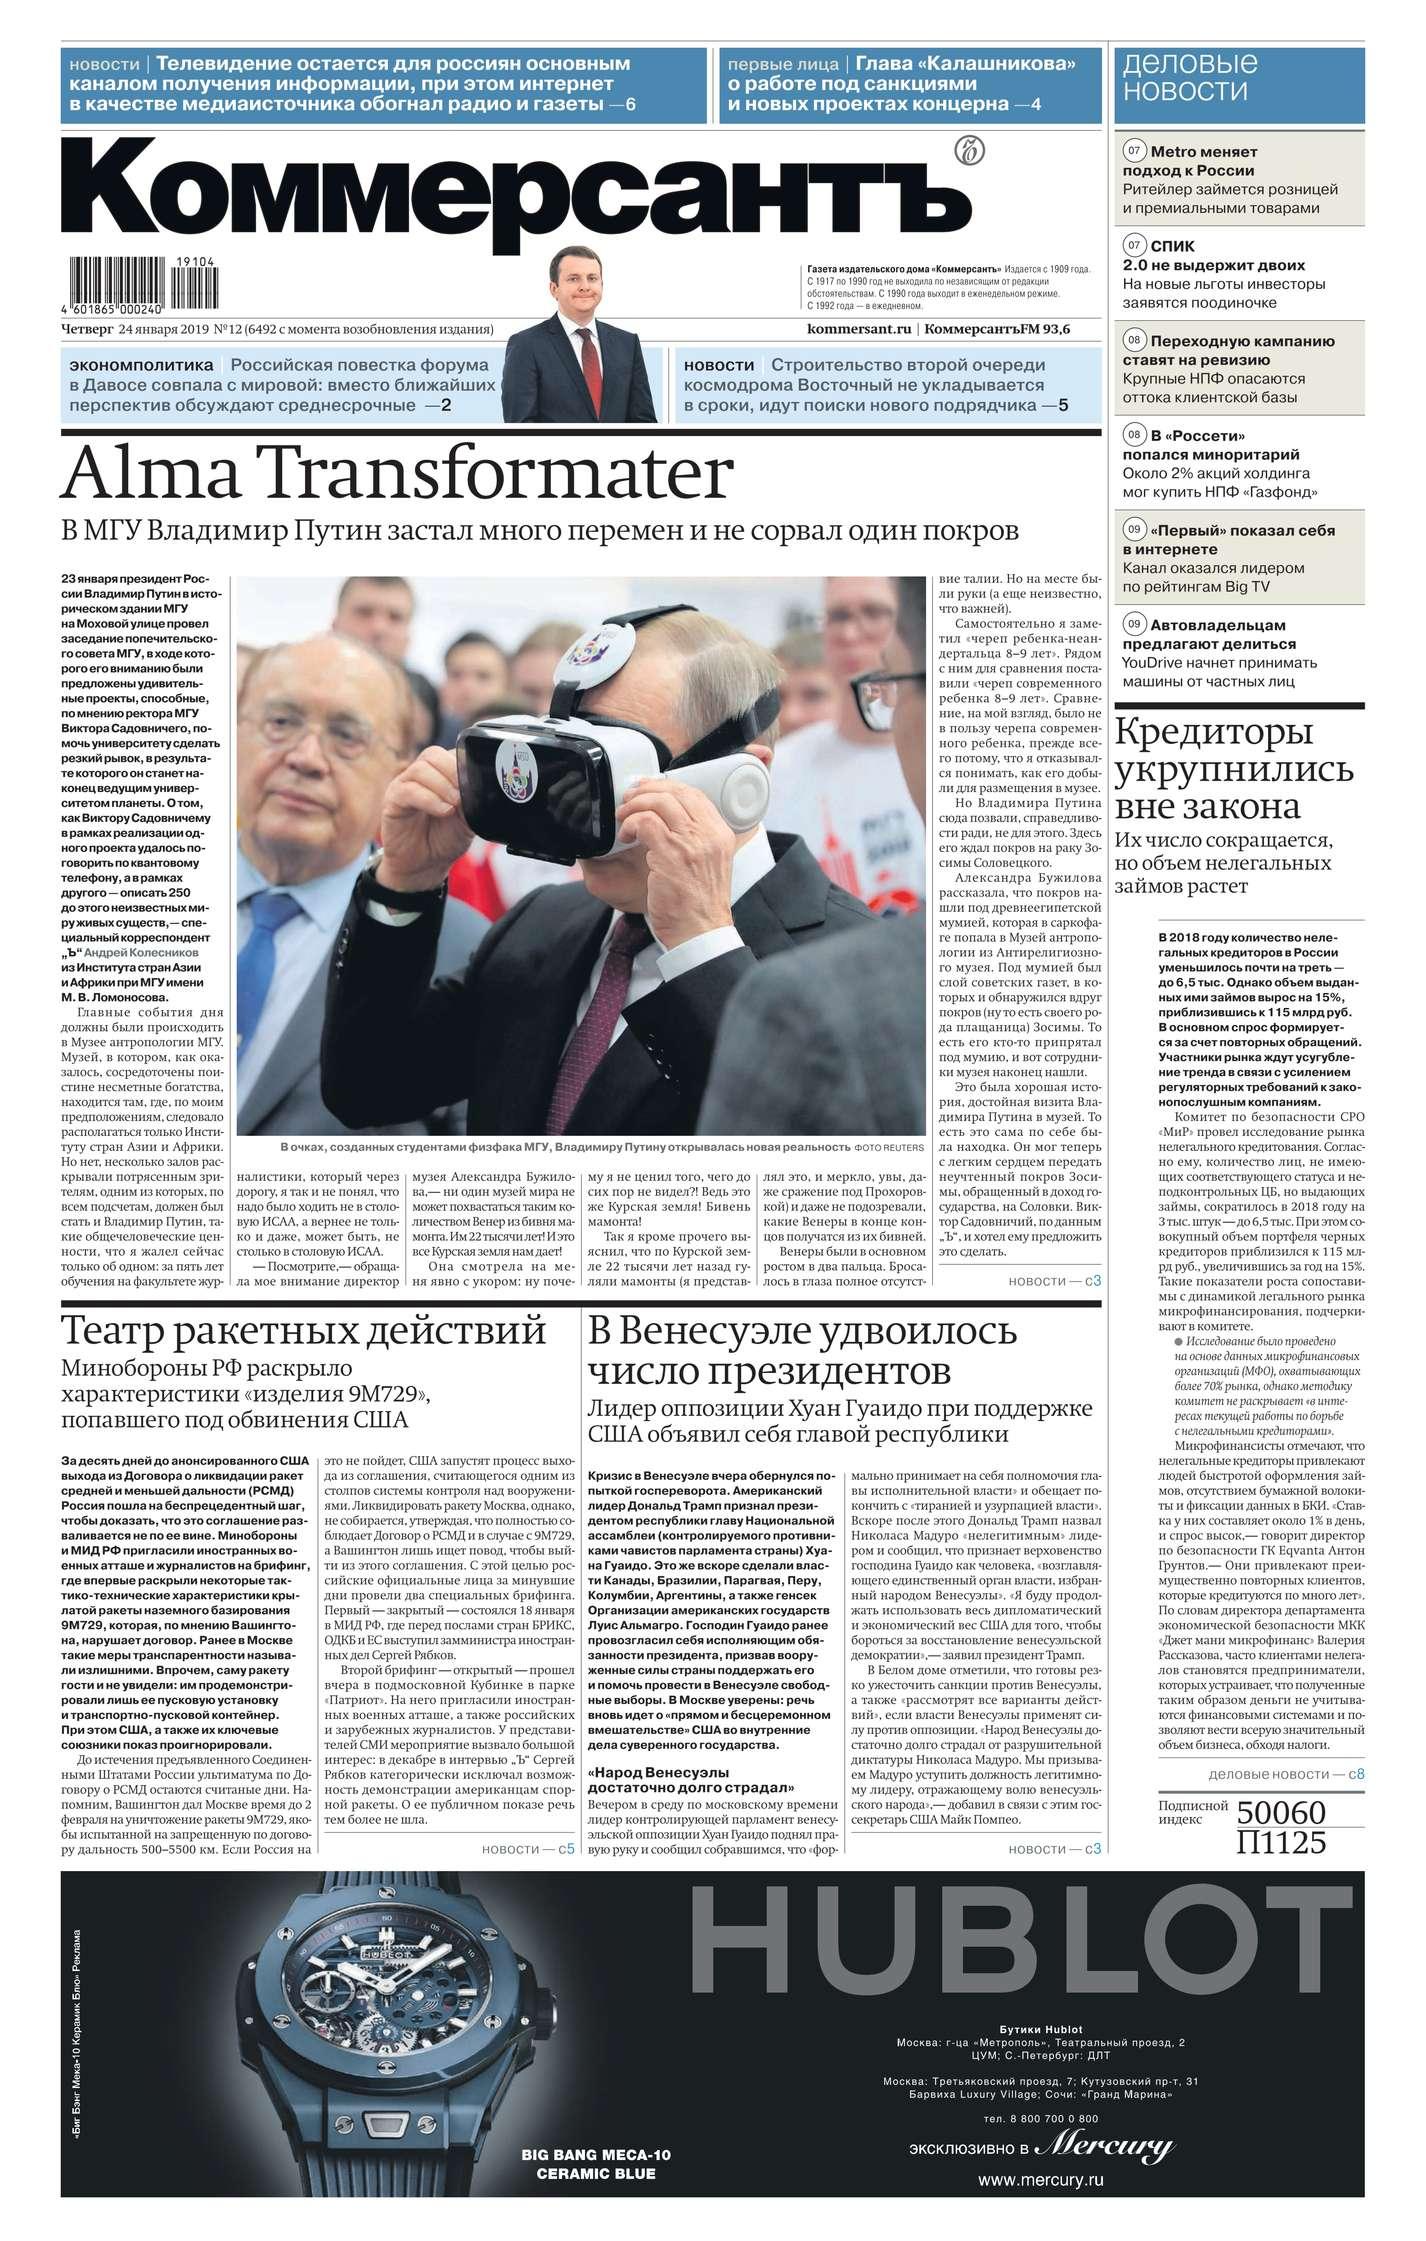 Редакция газеты Коммерсантъ (понедельник-пятница) Коммерсантъ (понедельник-пятница) 12-2019 цена